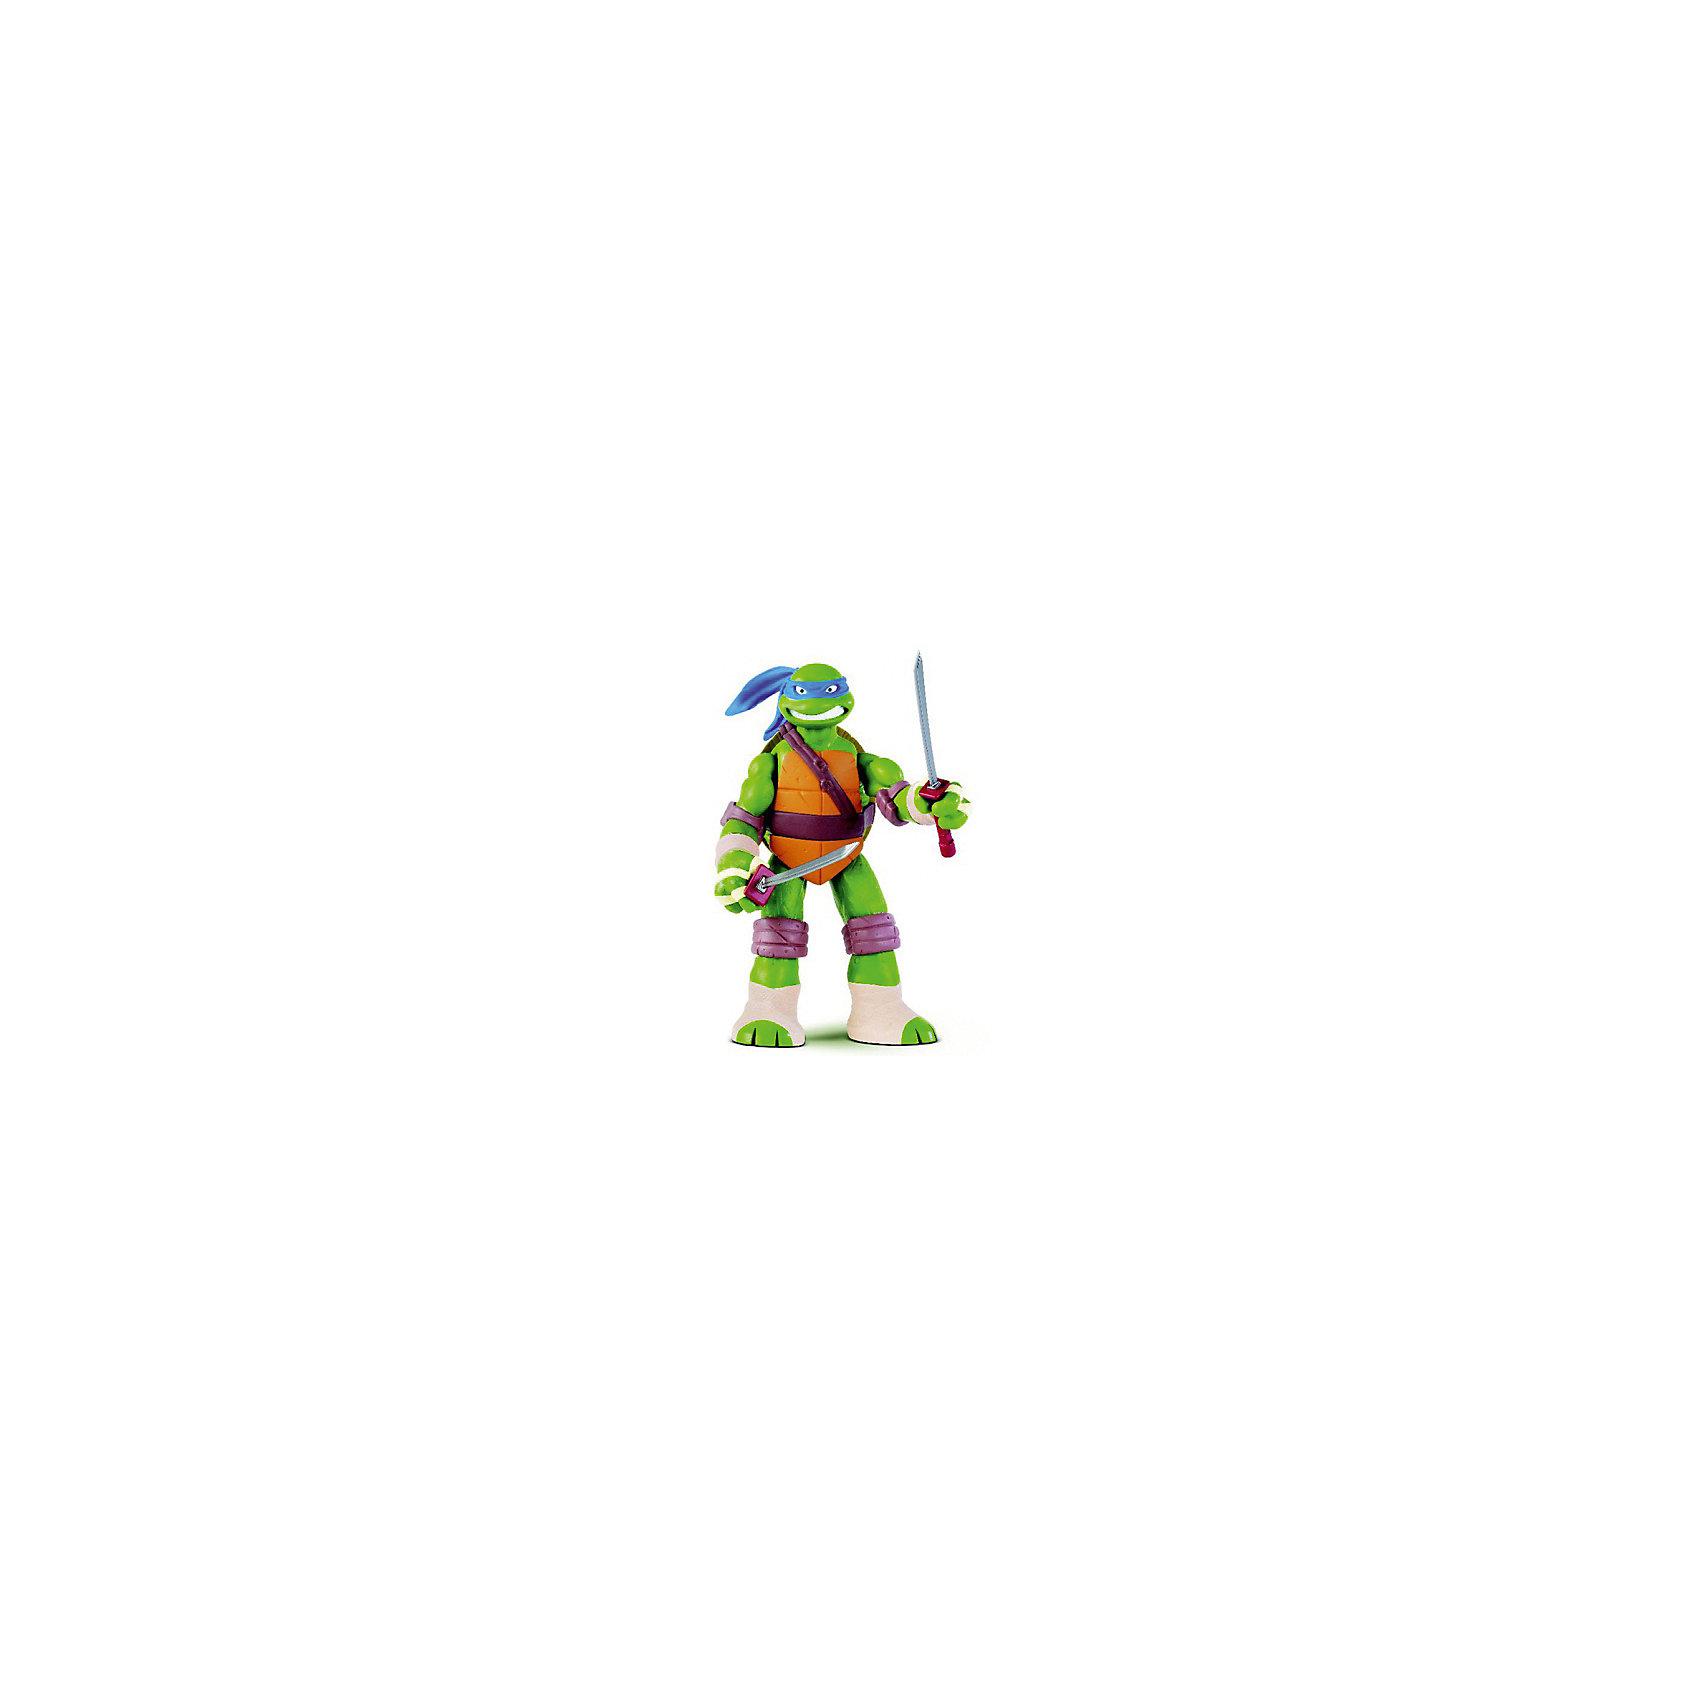 - Фигурка Леонардо, 28см, Черепашки Ниндзя игровой набор playmates toys патрульные багги леонардо и донателло